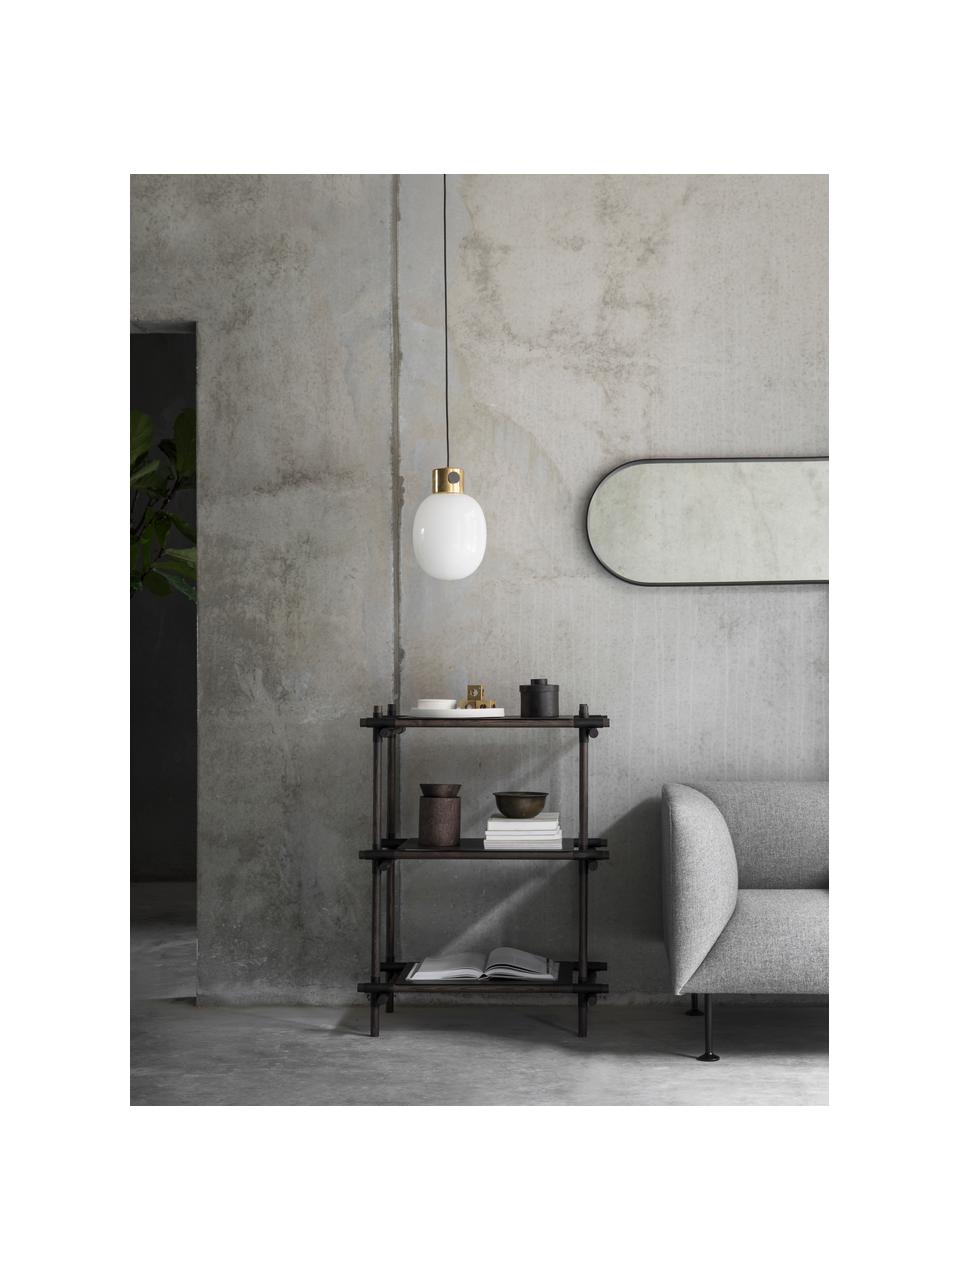 Ovaler Wandspiegel Norm mit schwarzem Alurahmen, Rahmen: Aluminium, pulverbeschich, Spiegelfläche: Spiegelglas, Schwarz, 40 x 130 cm